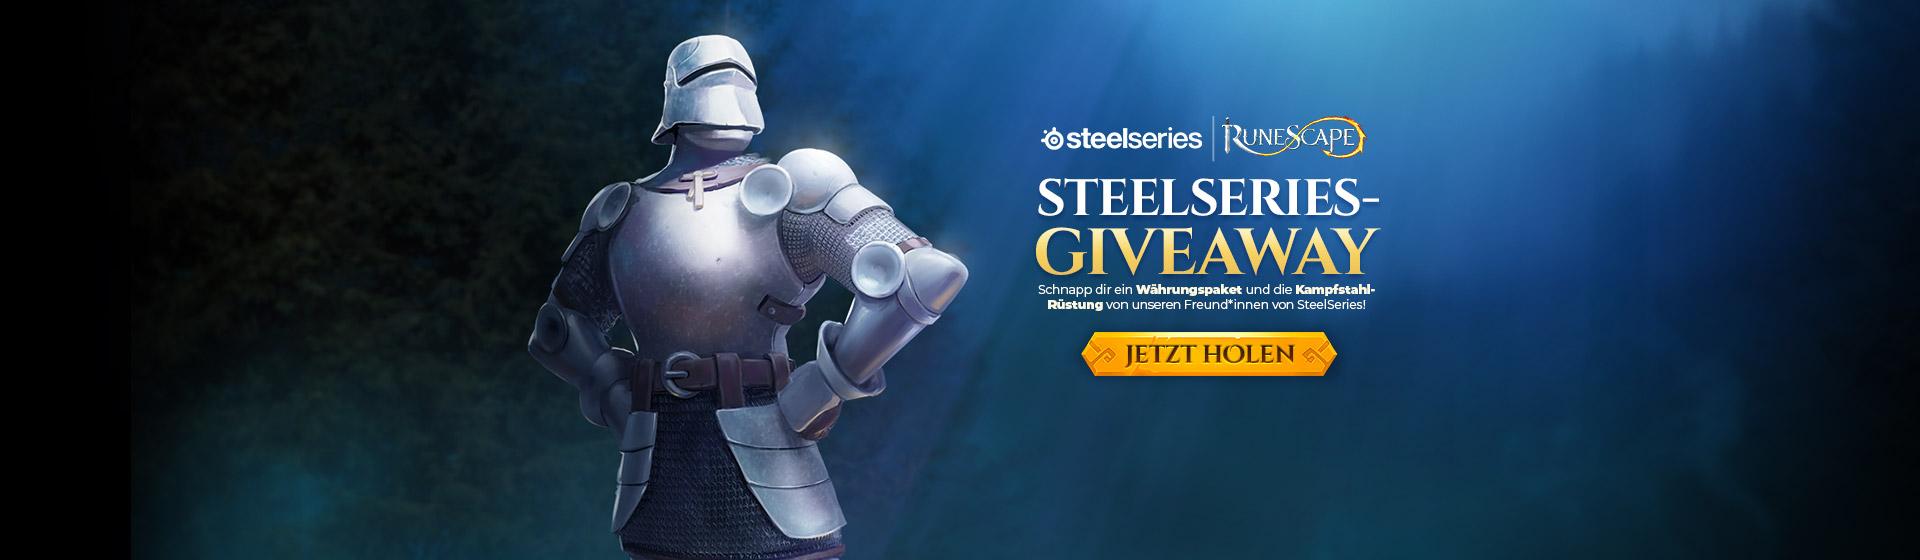 SteelSeries Giveaway